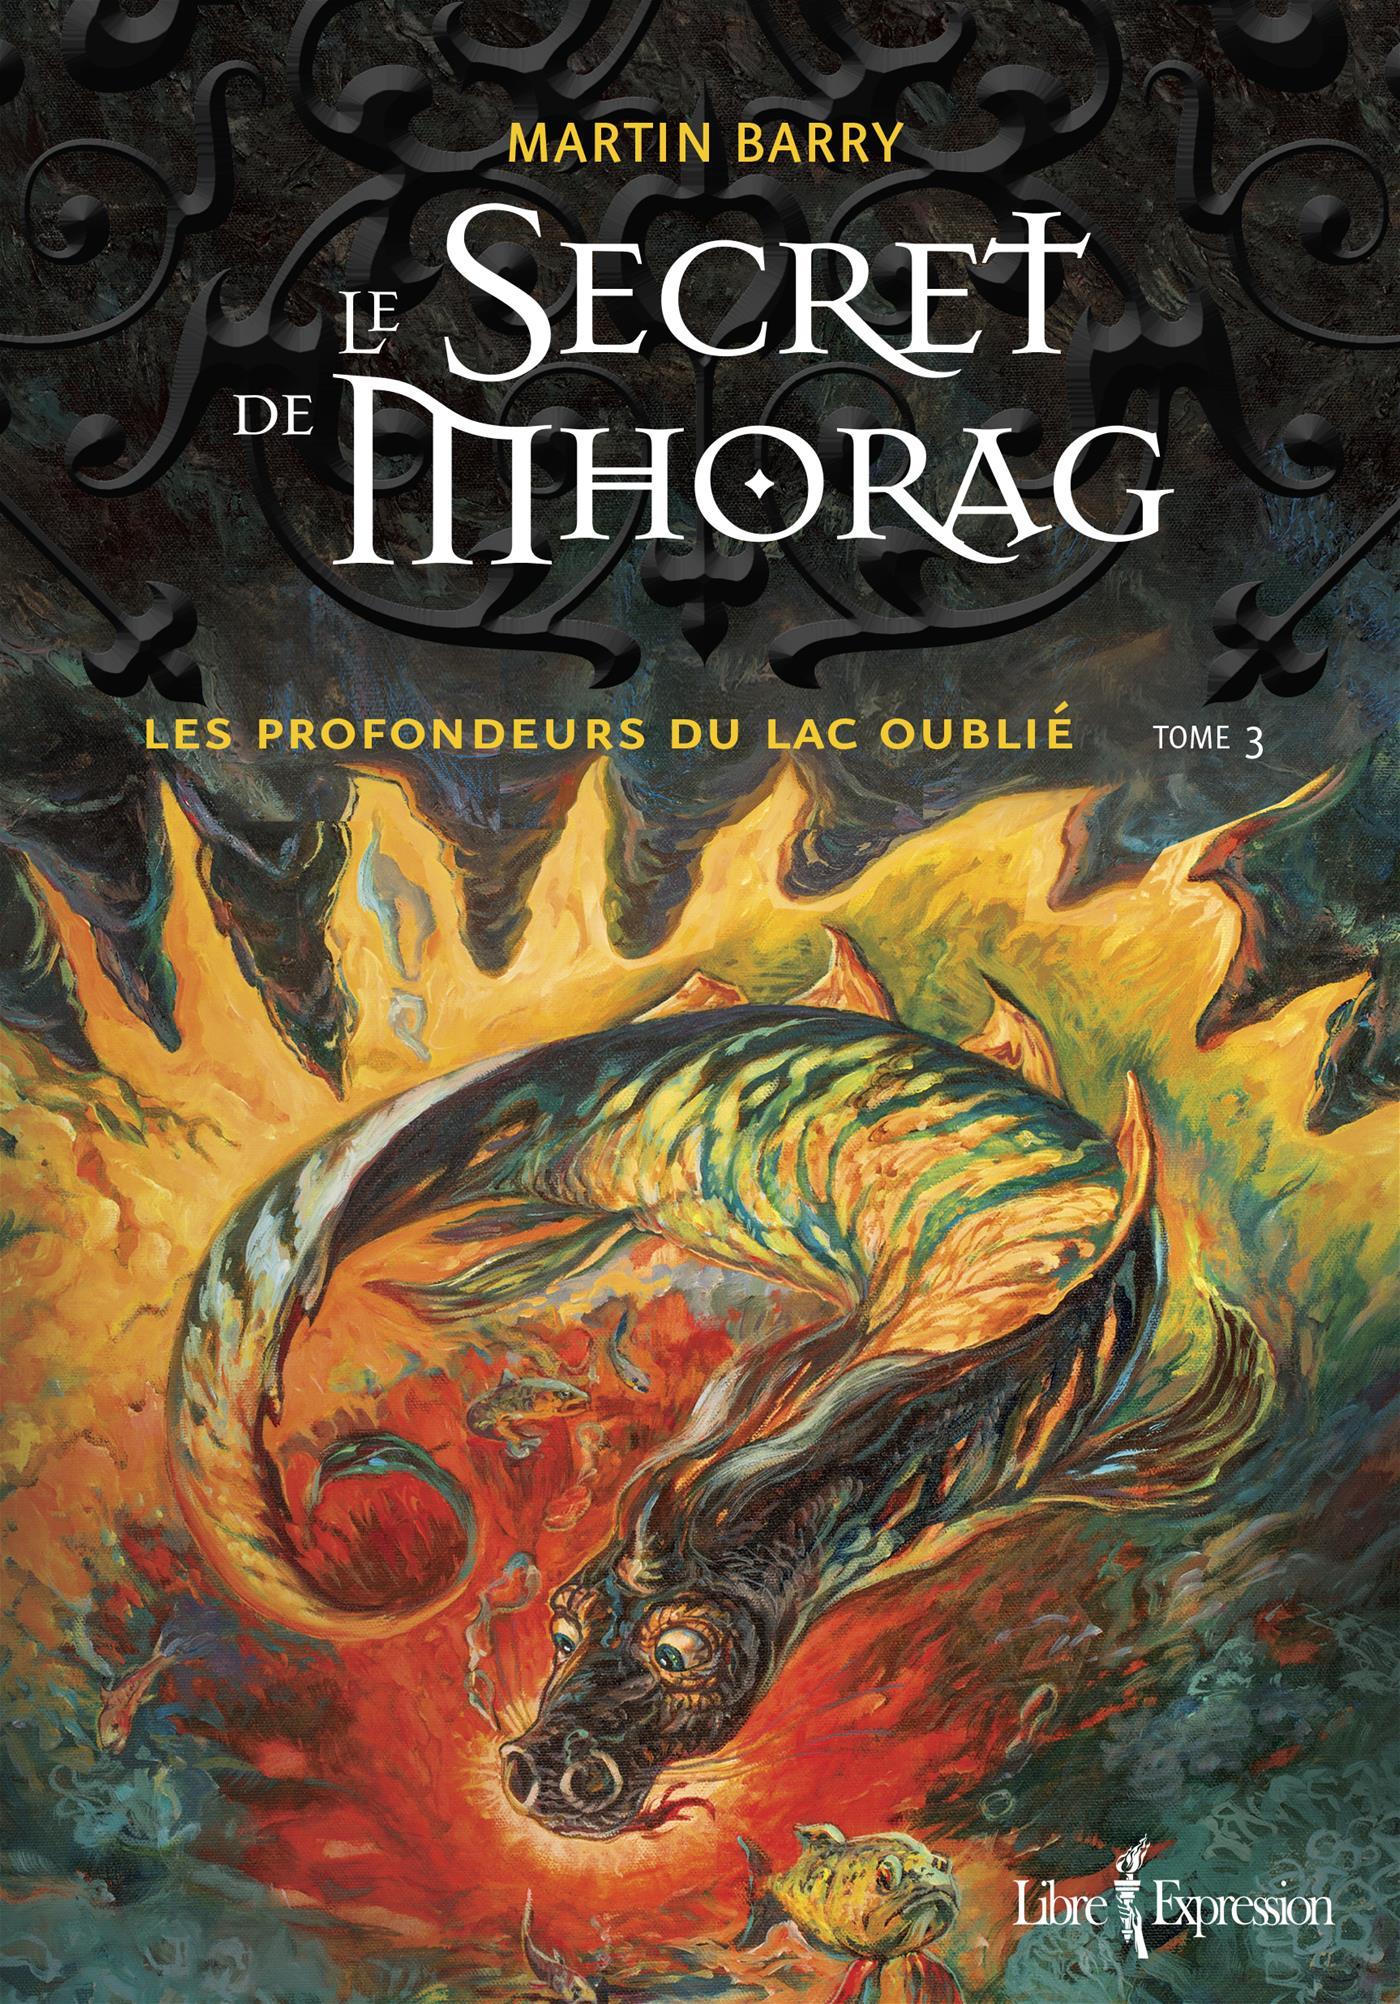 Le Secret de Mhorag, tome 3